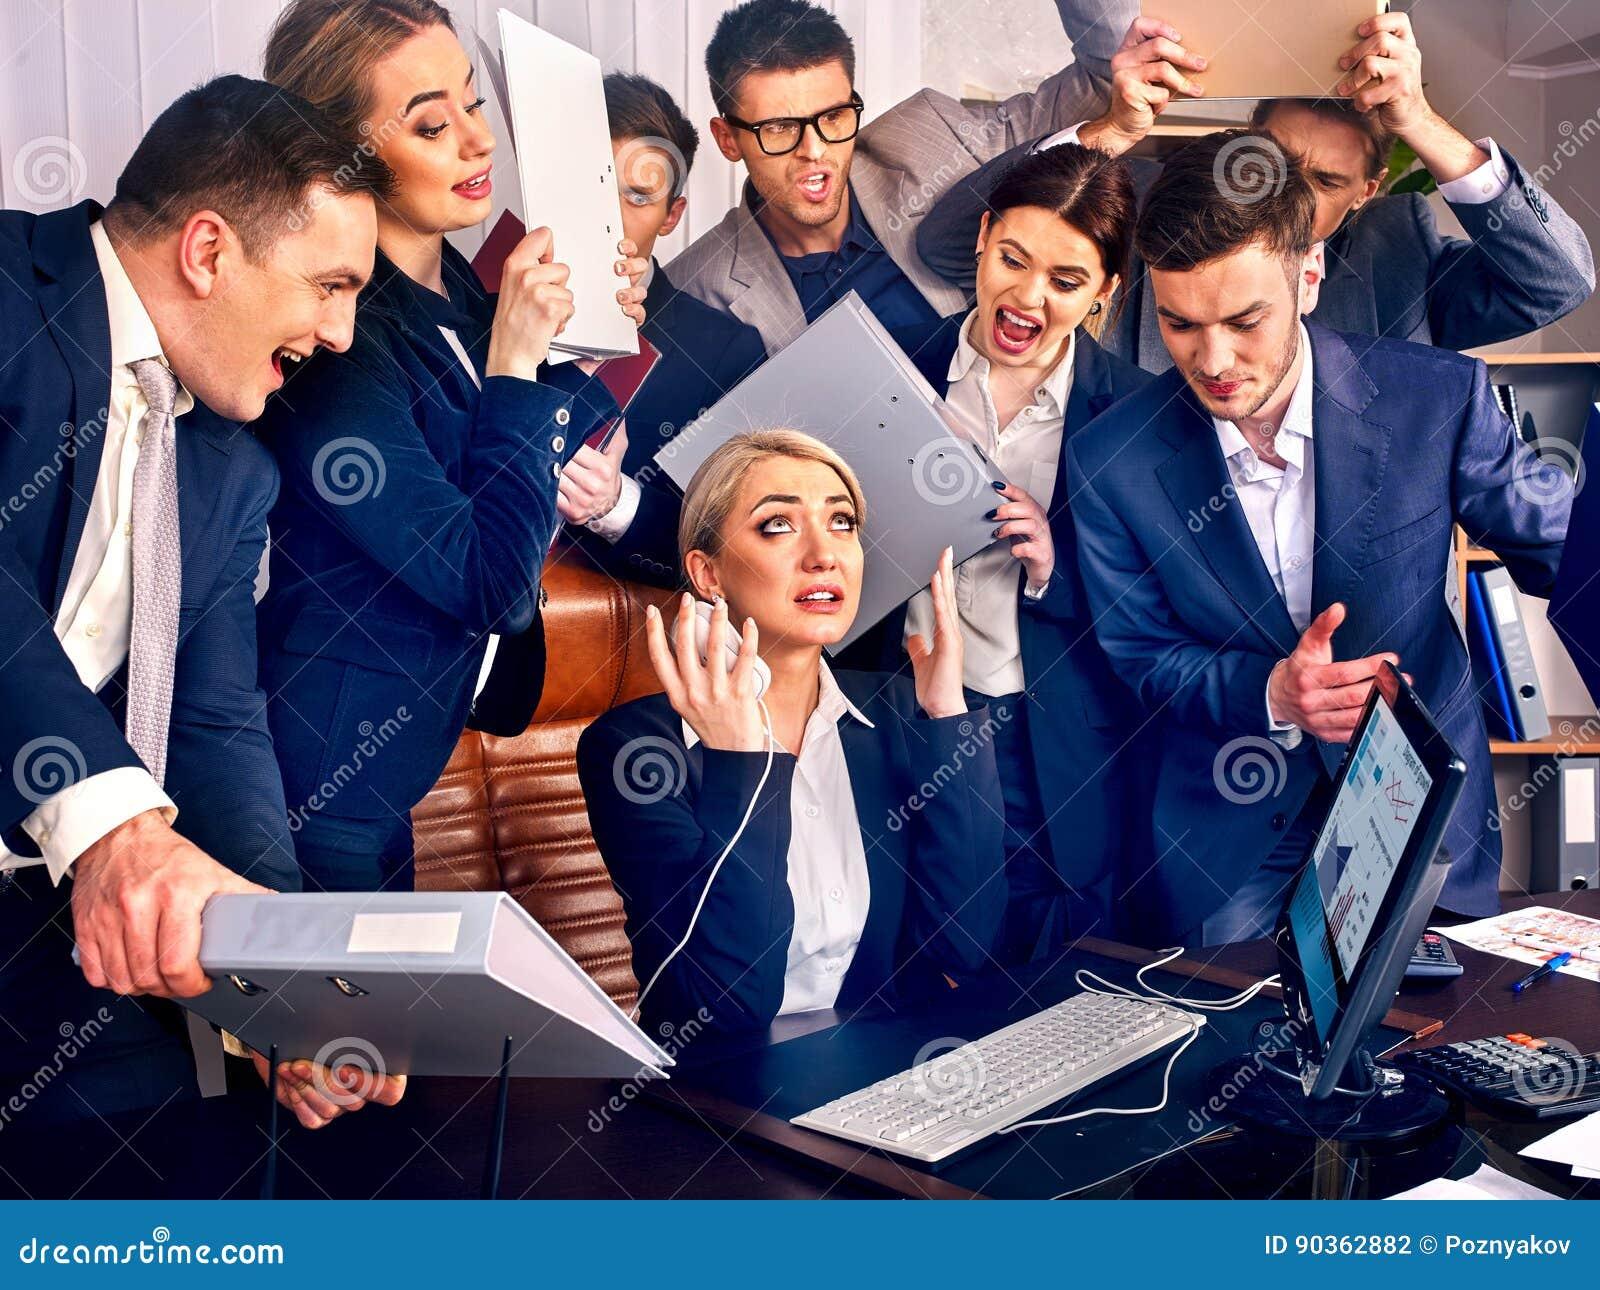 Γραφείο επιχειρηματιών Οι άνθρωποι ομάδας είναι δυστυχισμένοι με τον ηγέτη τους